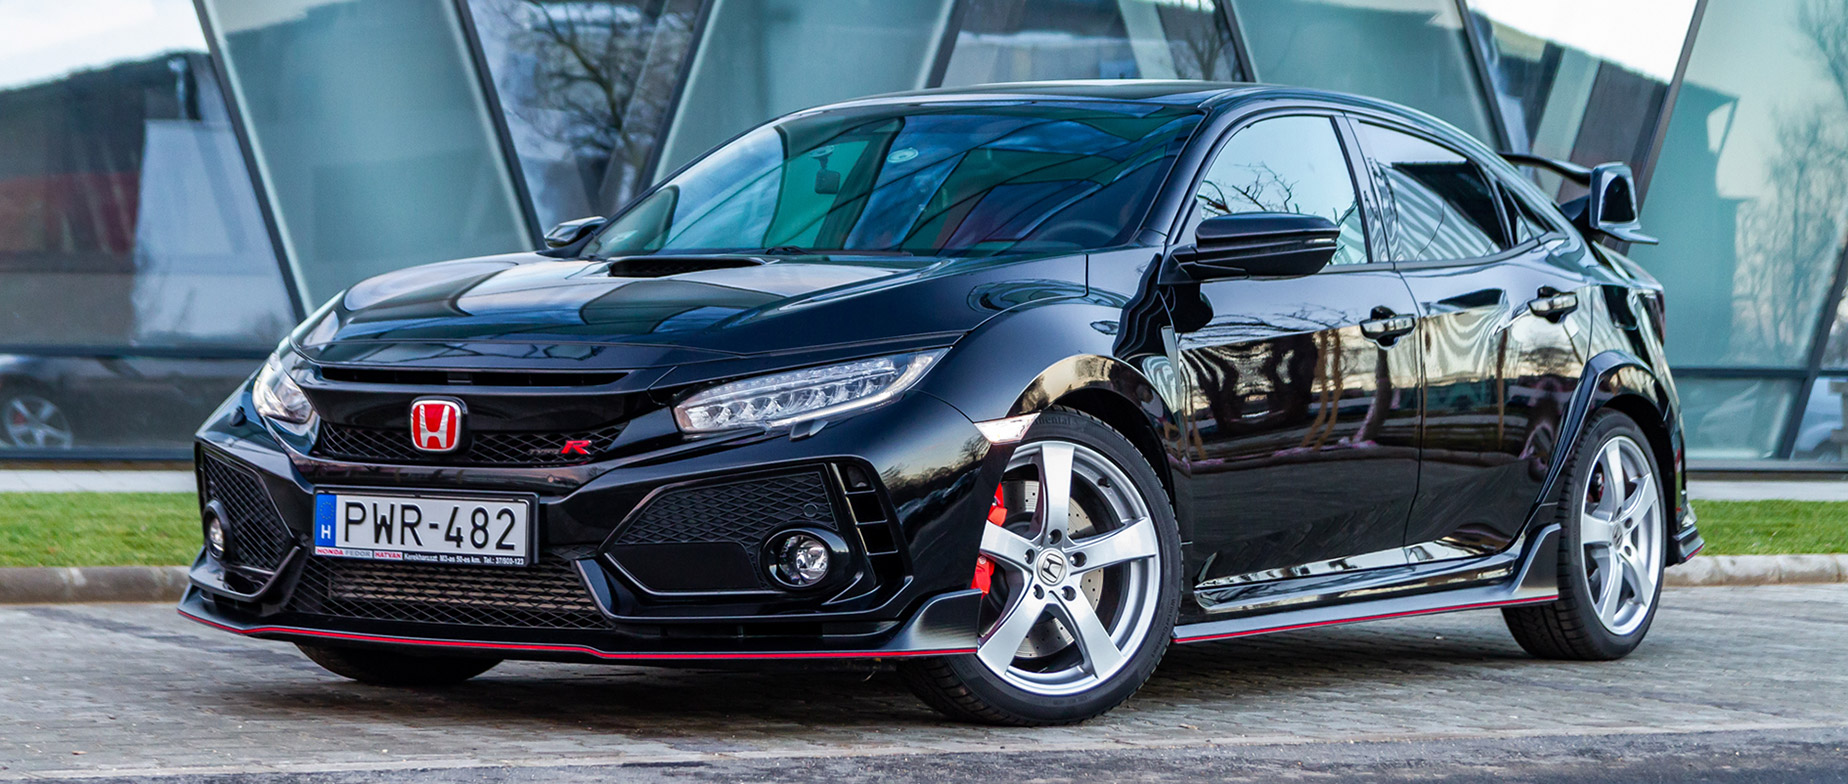 Honda Civic Type-R utcai élményvezetés